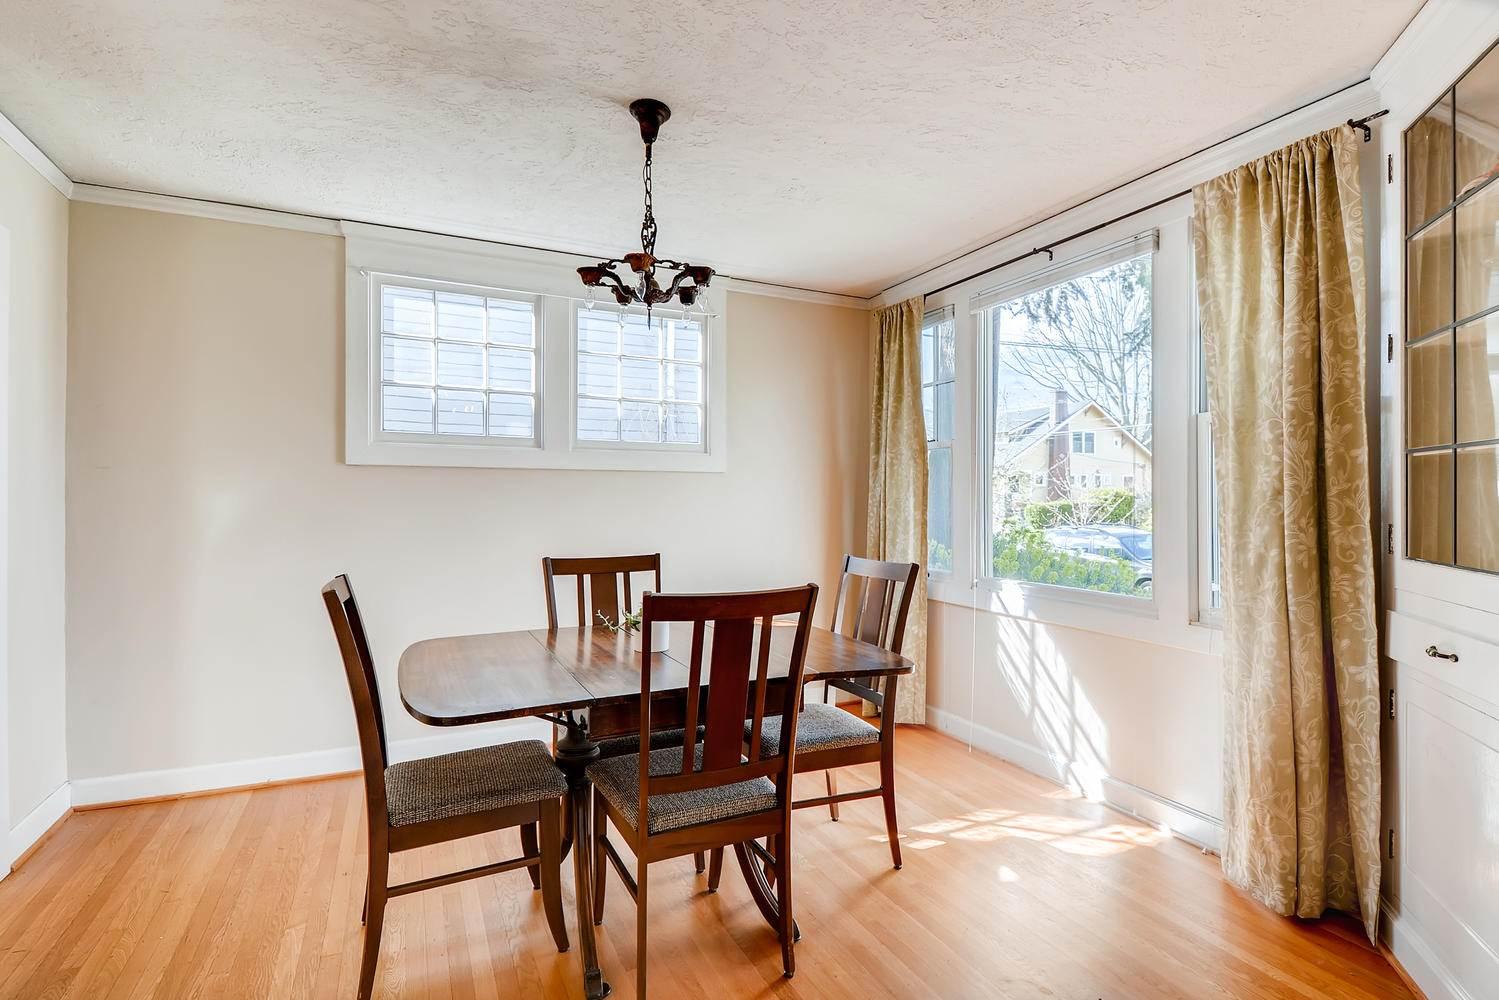 1556 SE Malden St, Portland, OR 97202